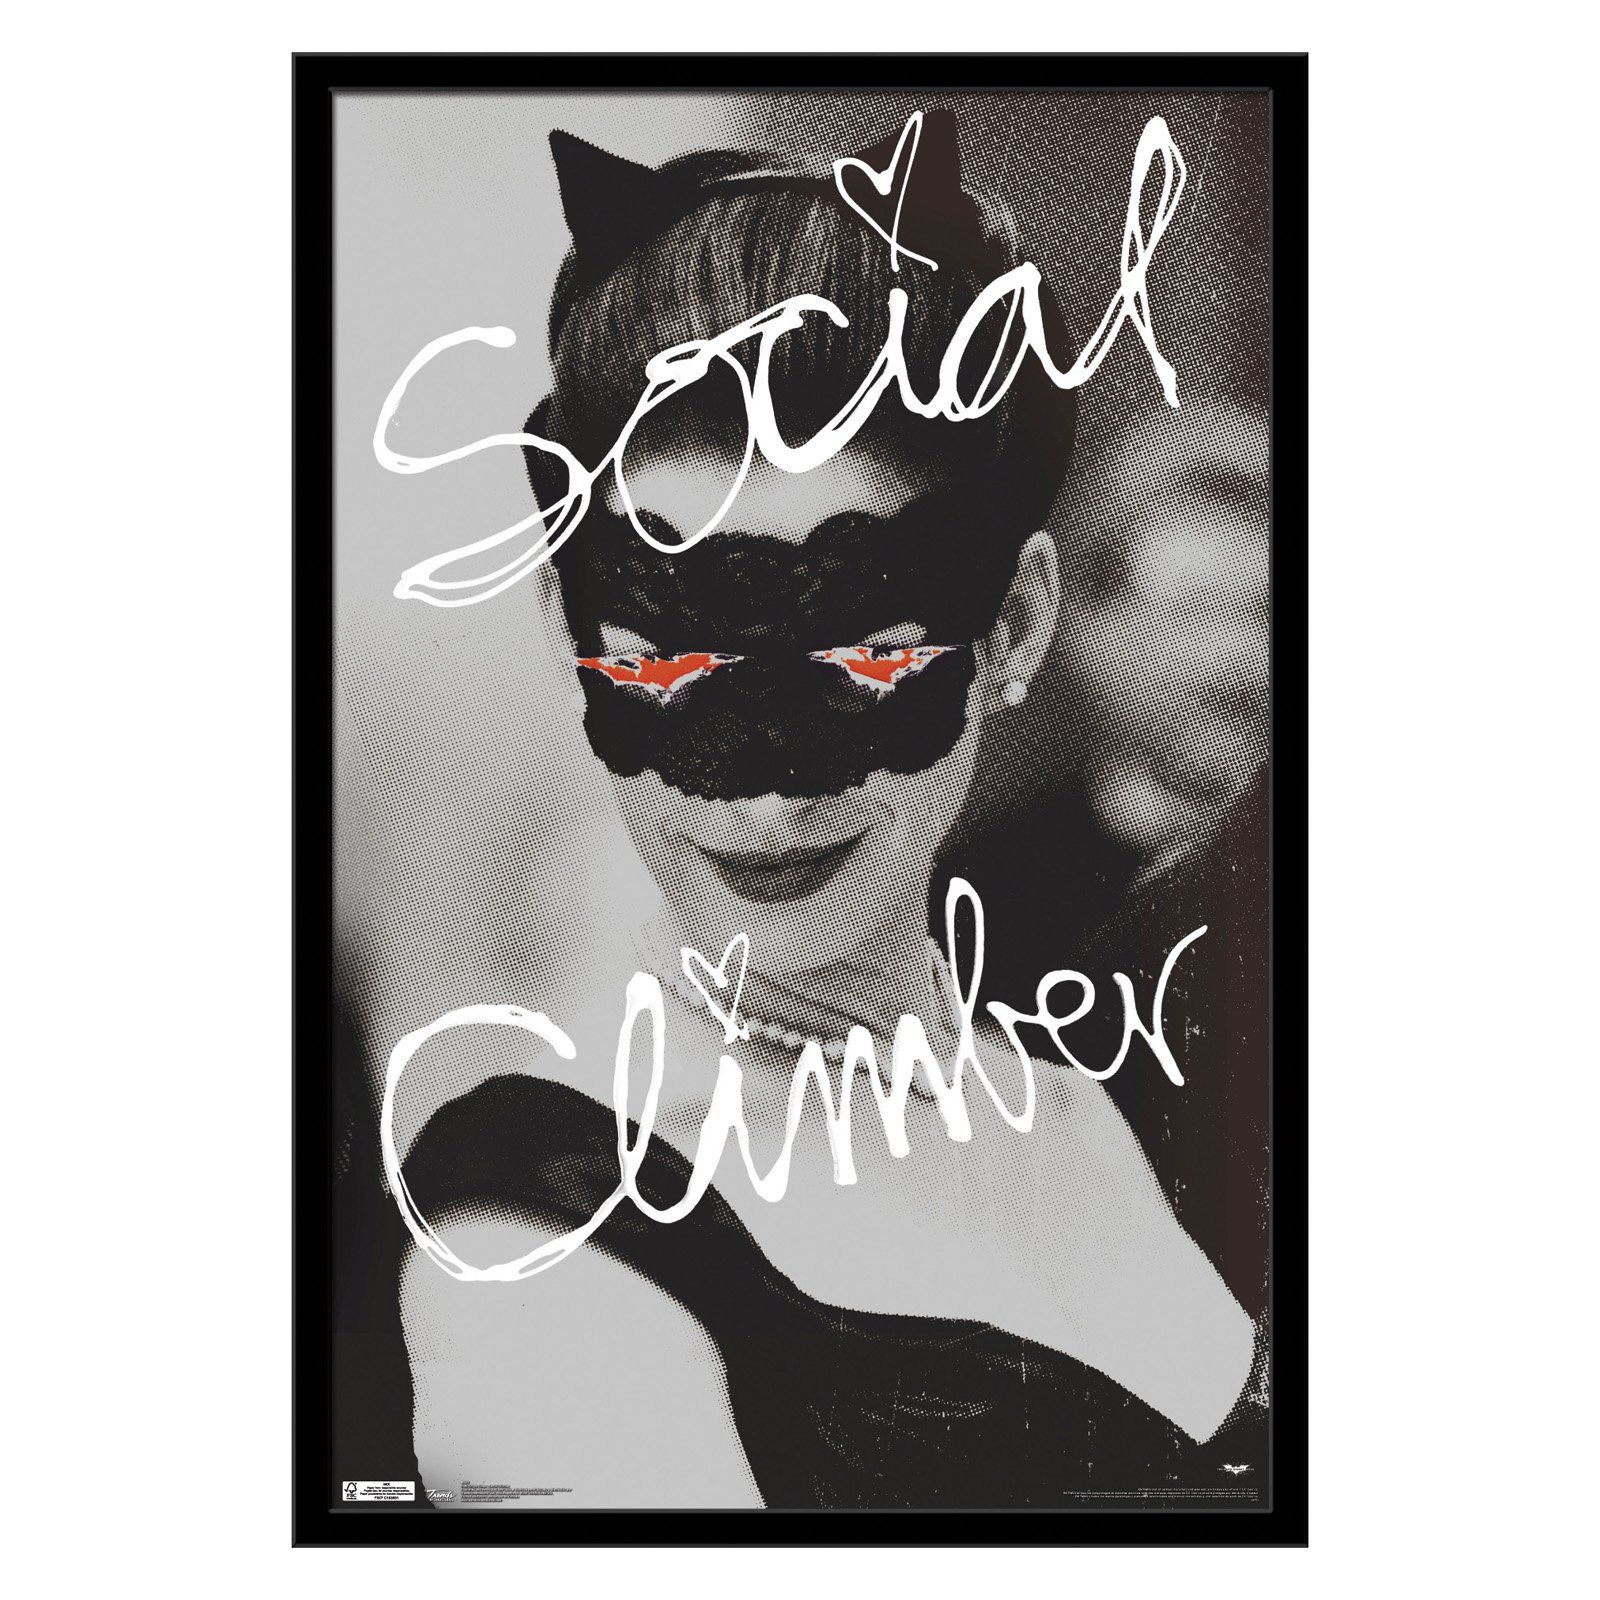 Trends International Dark Knight Rises Social Climber